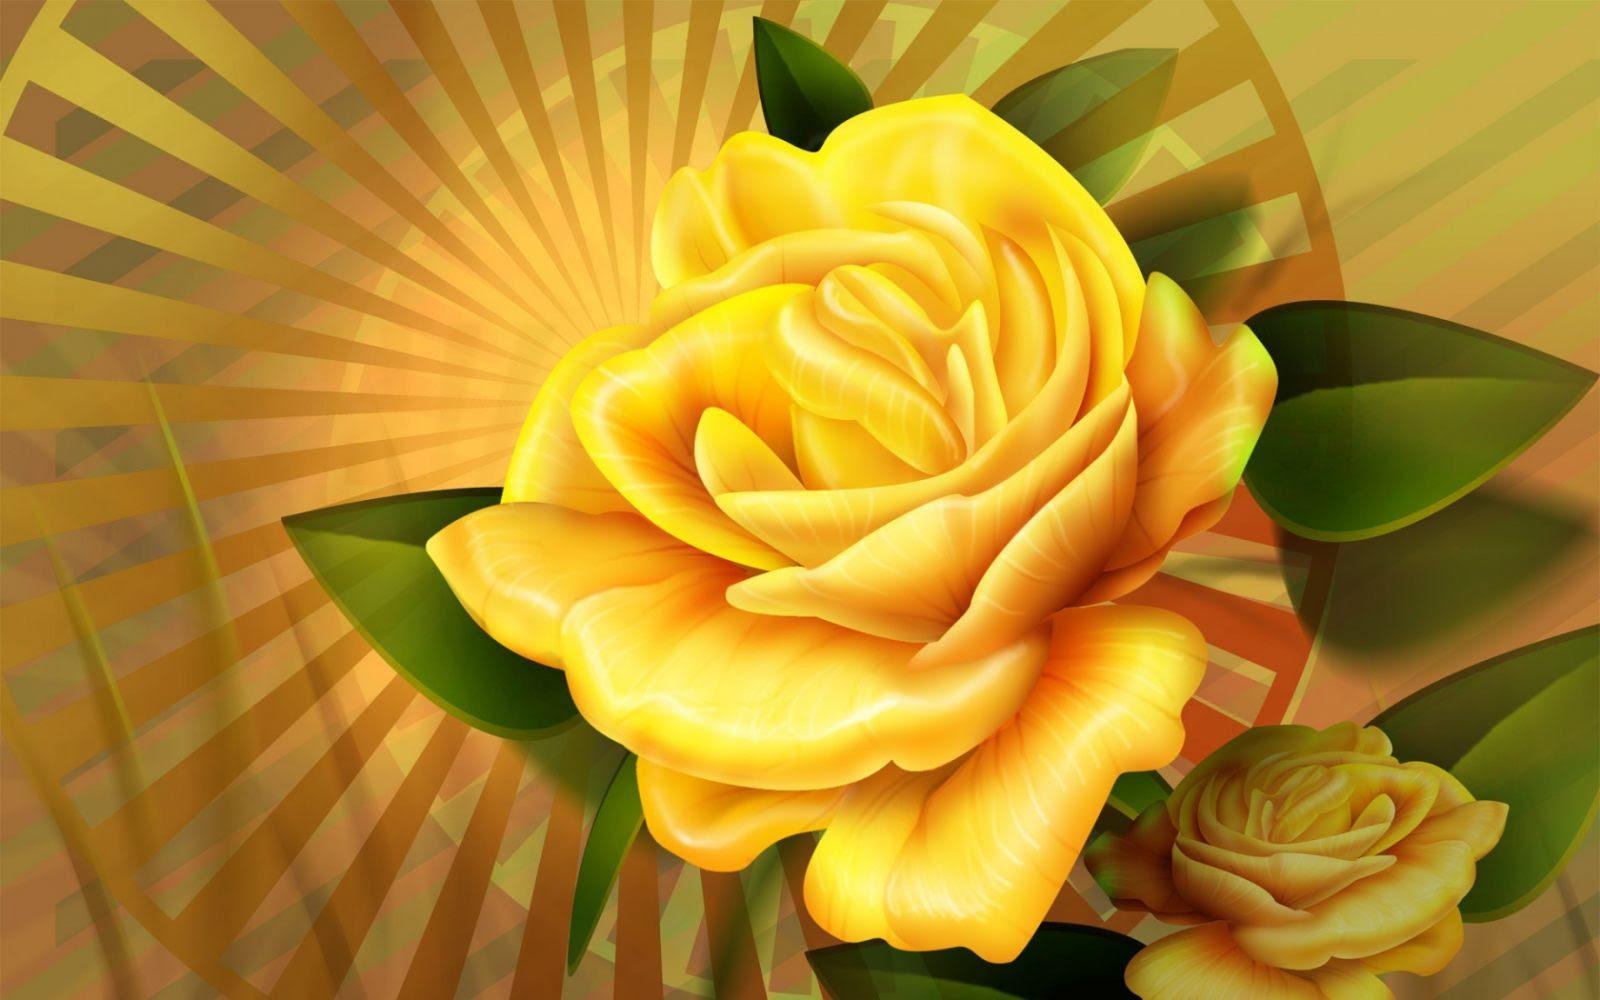 Dibujo De Una Rosa Amarilla Imágenes Y Fotos